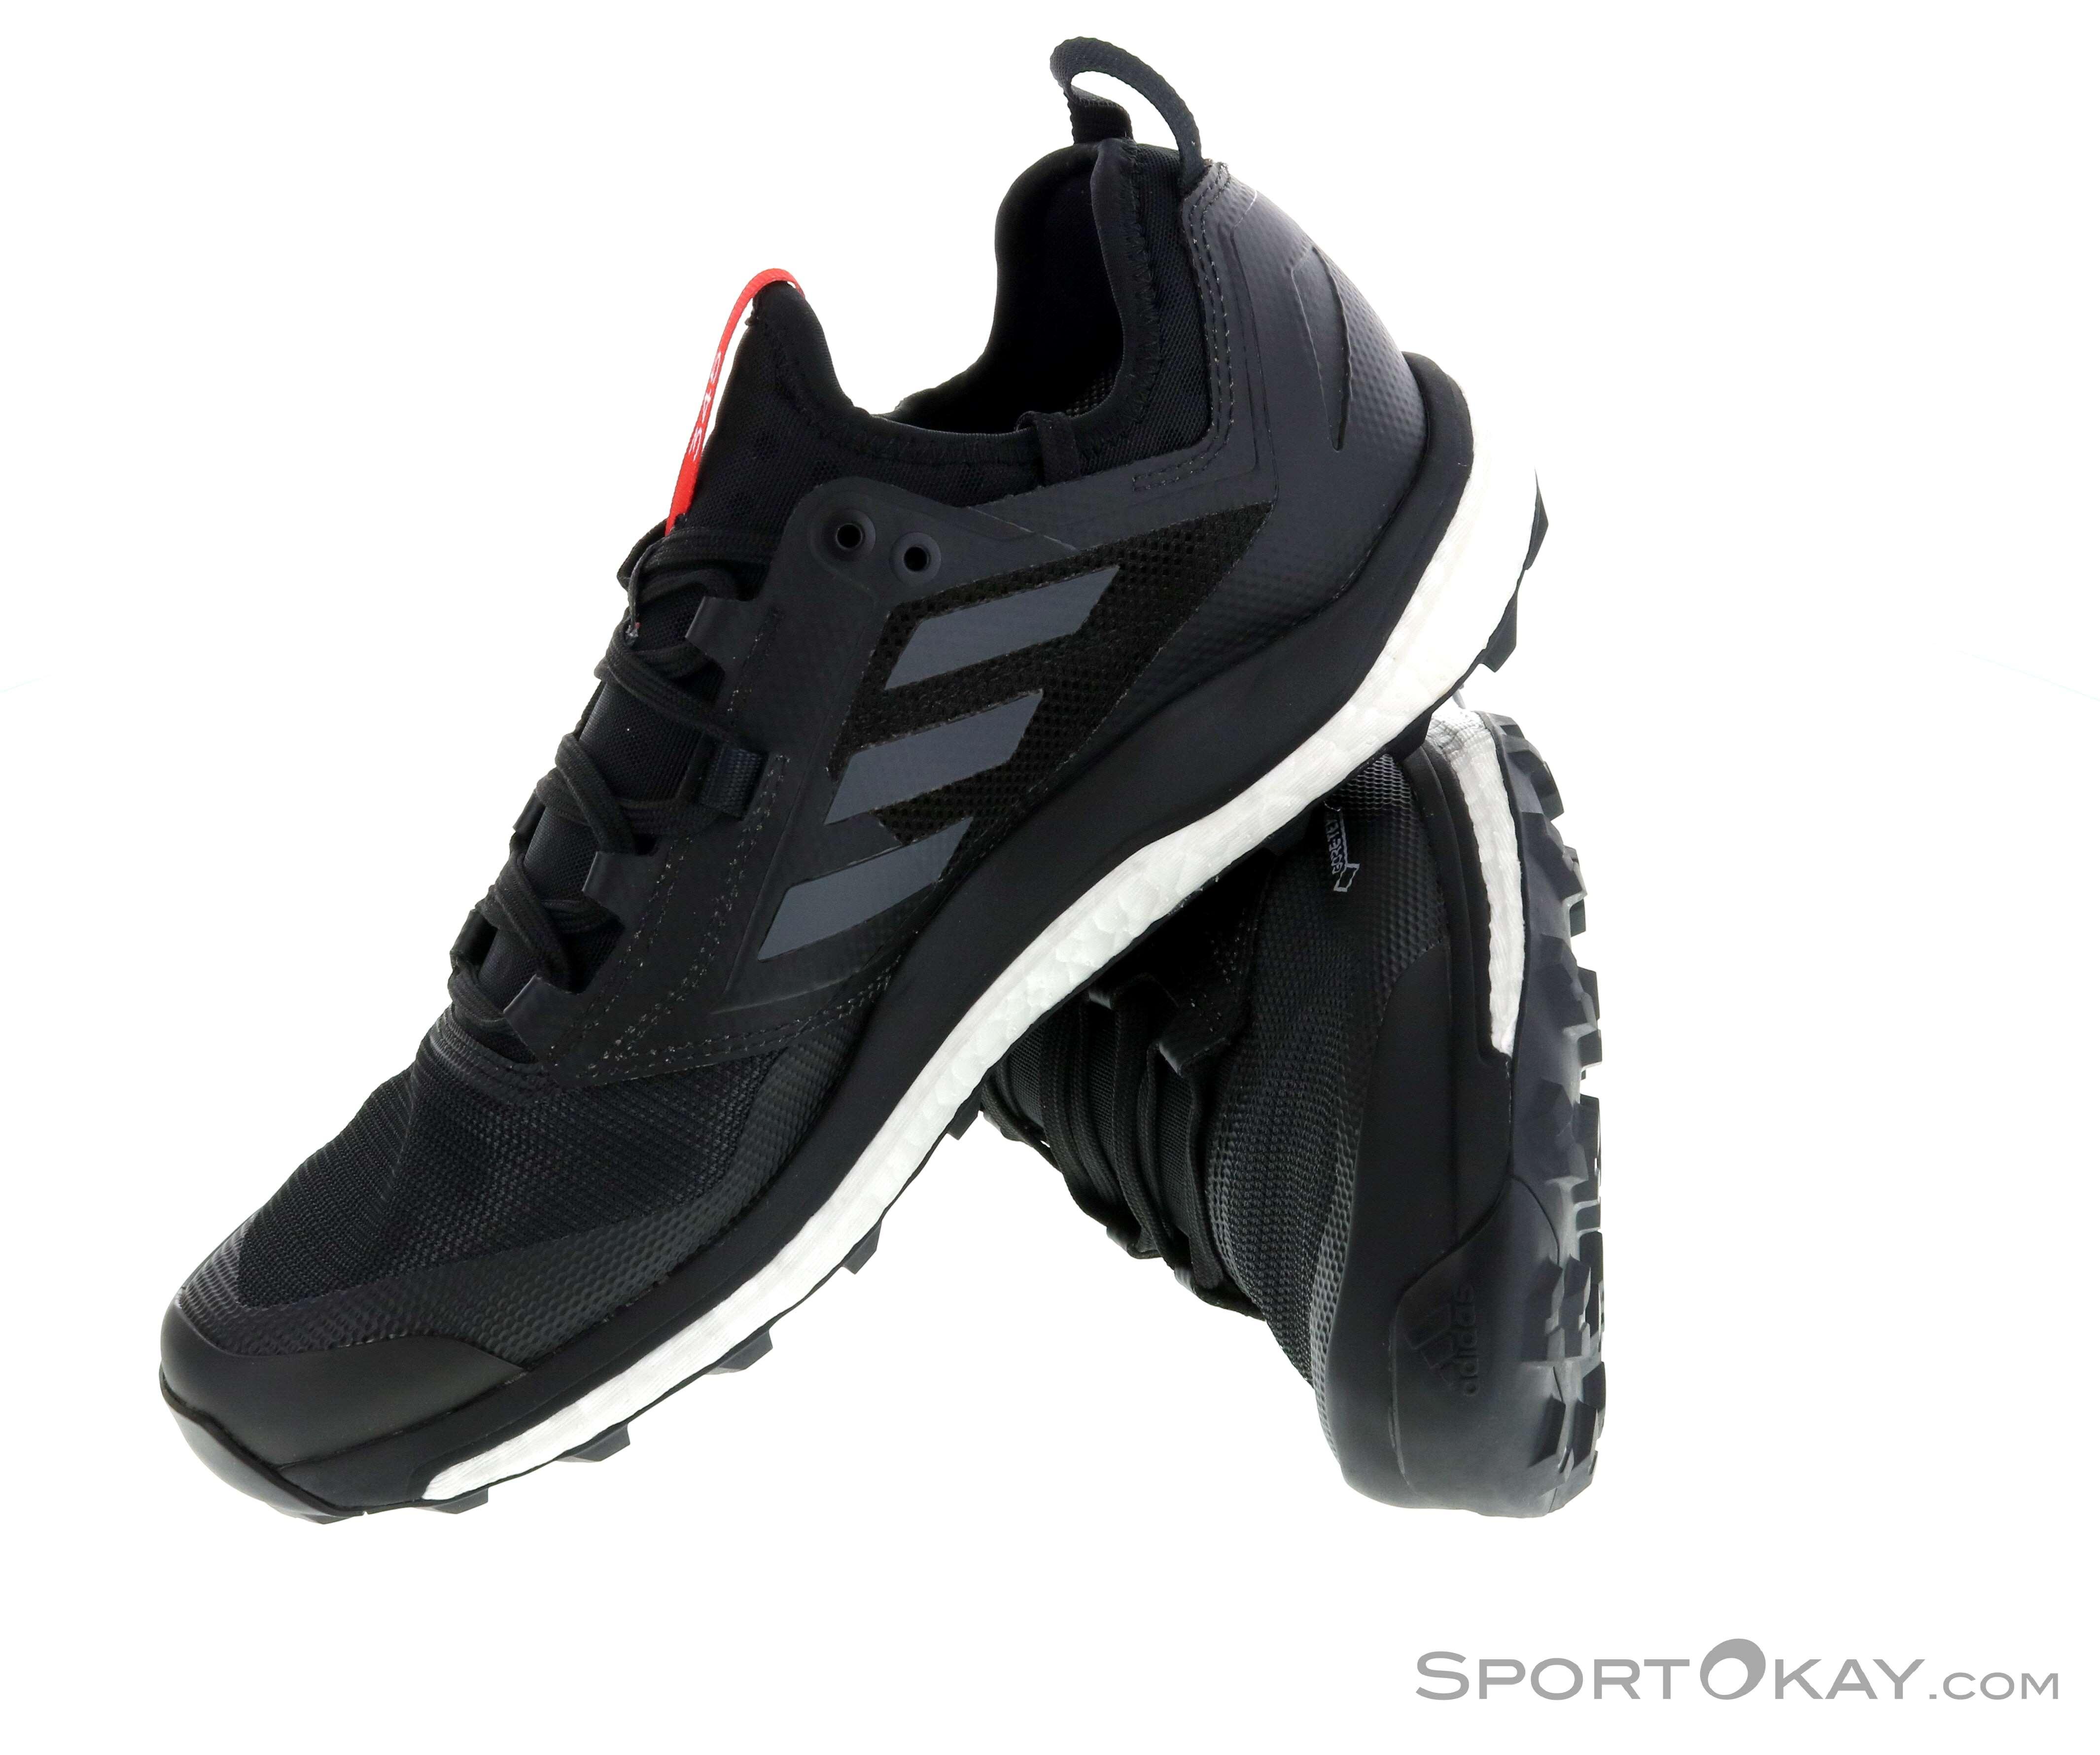 62bd57967ee adidas Terrex Agravic XT GTX Mens Trail Running Shoes GTX - Trail ...